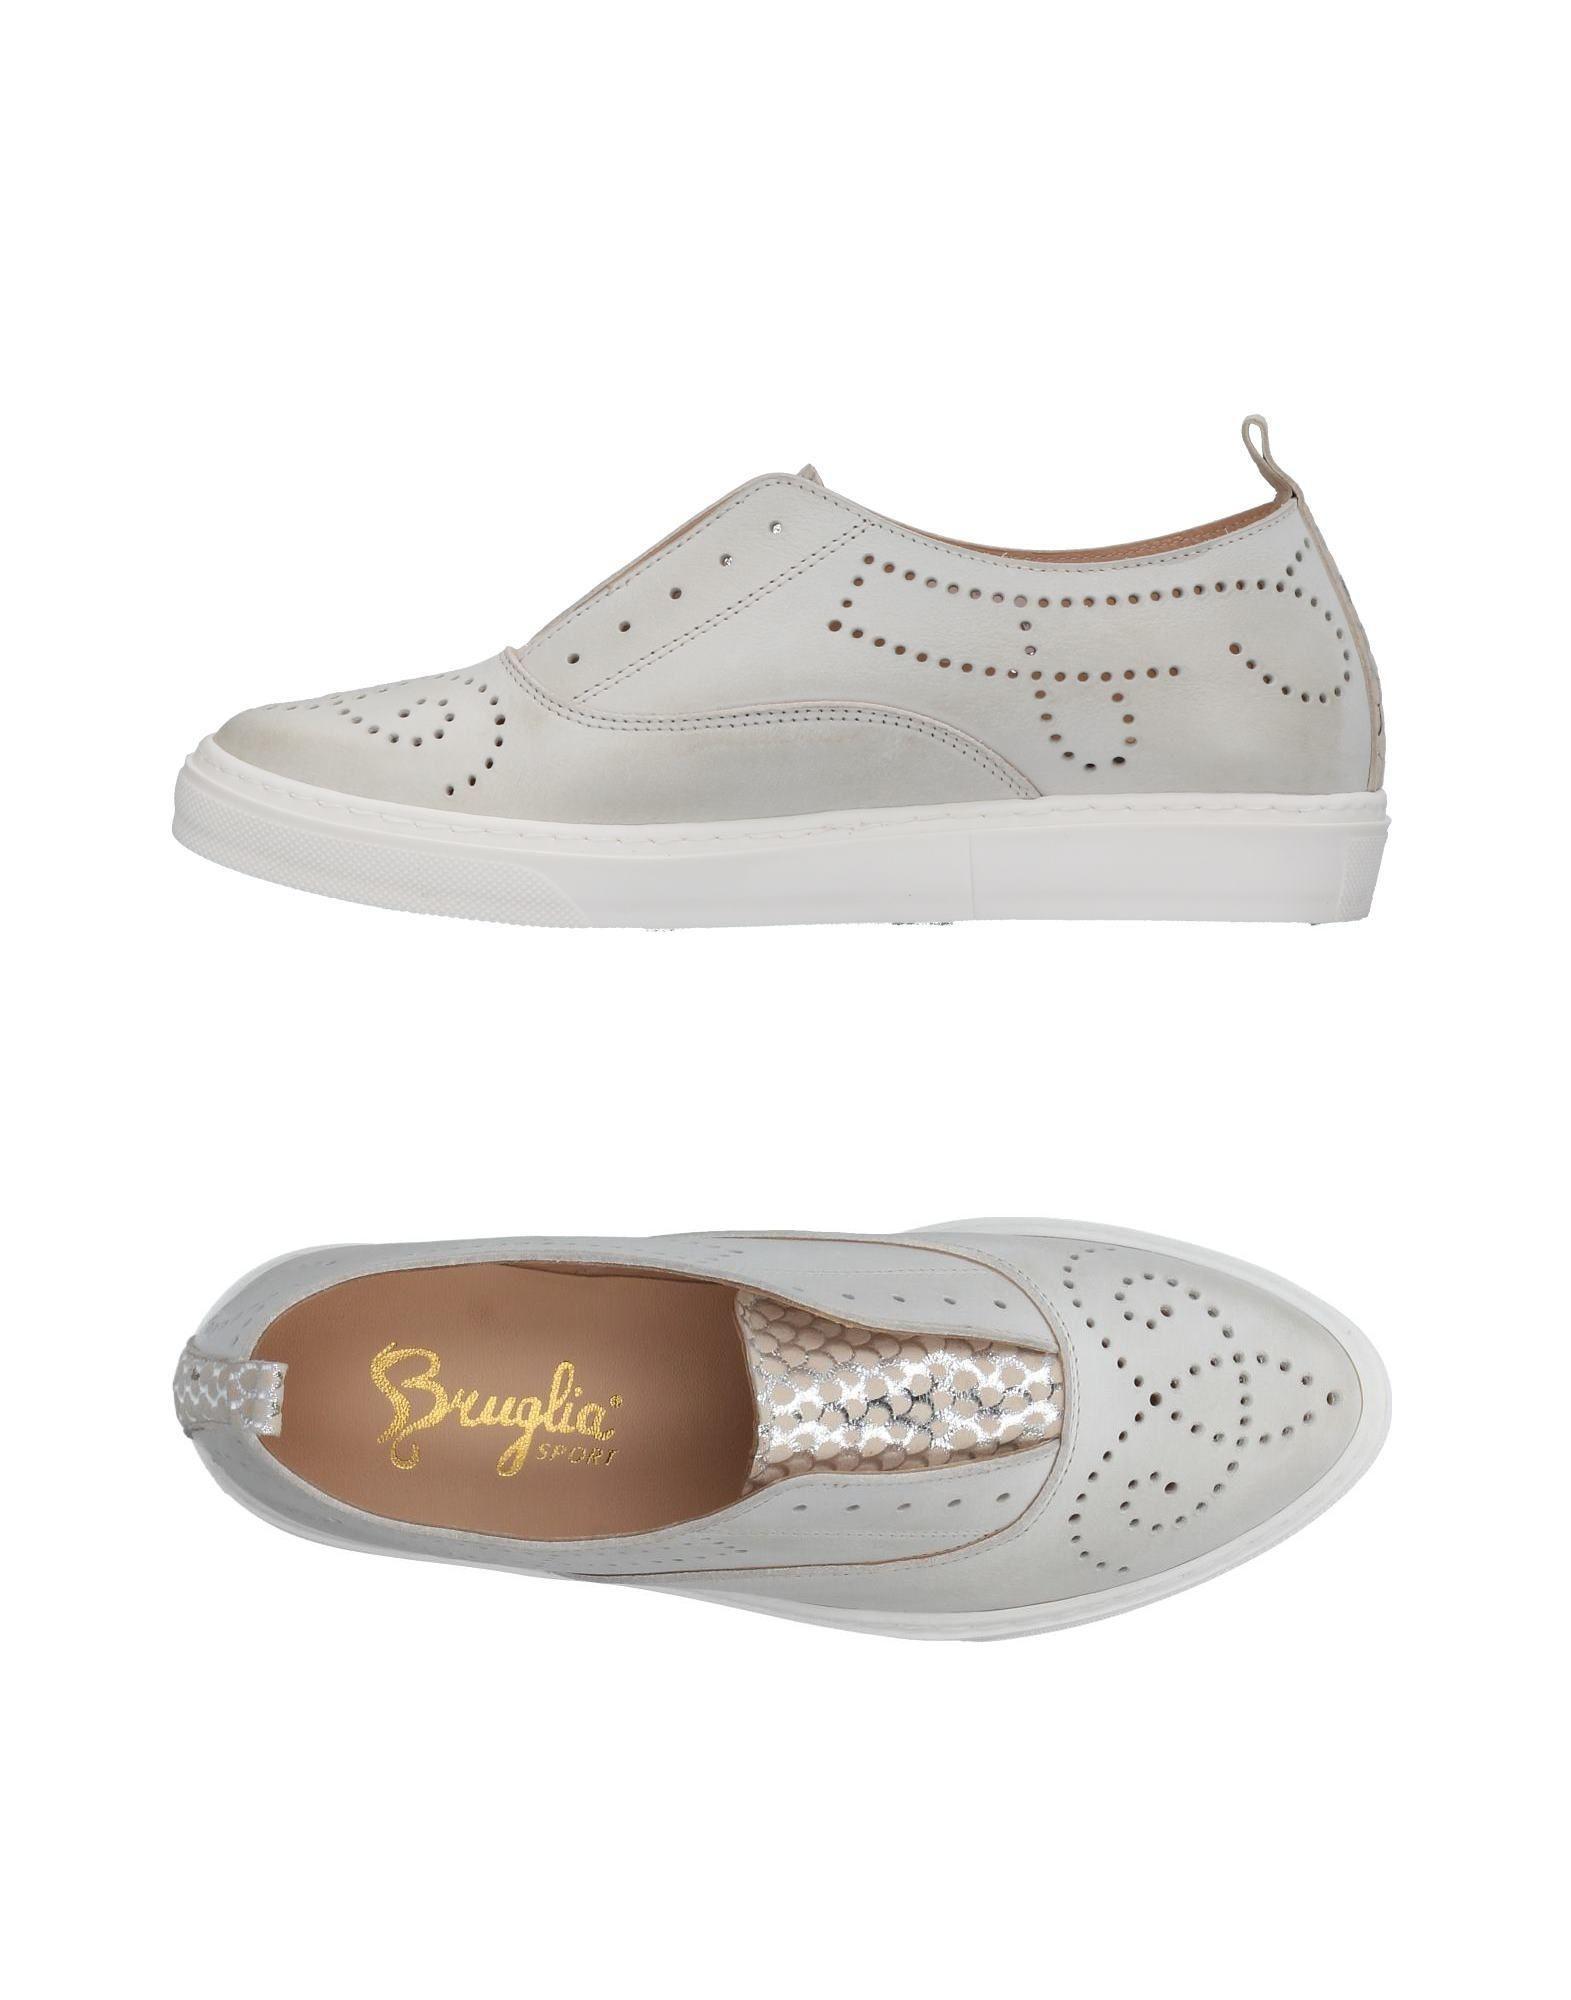 FOOTWEAR - Low-tops & sneakers Bruglia gaYfh